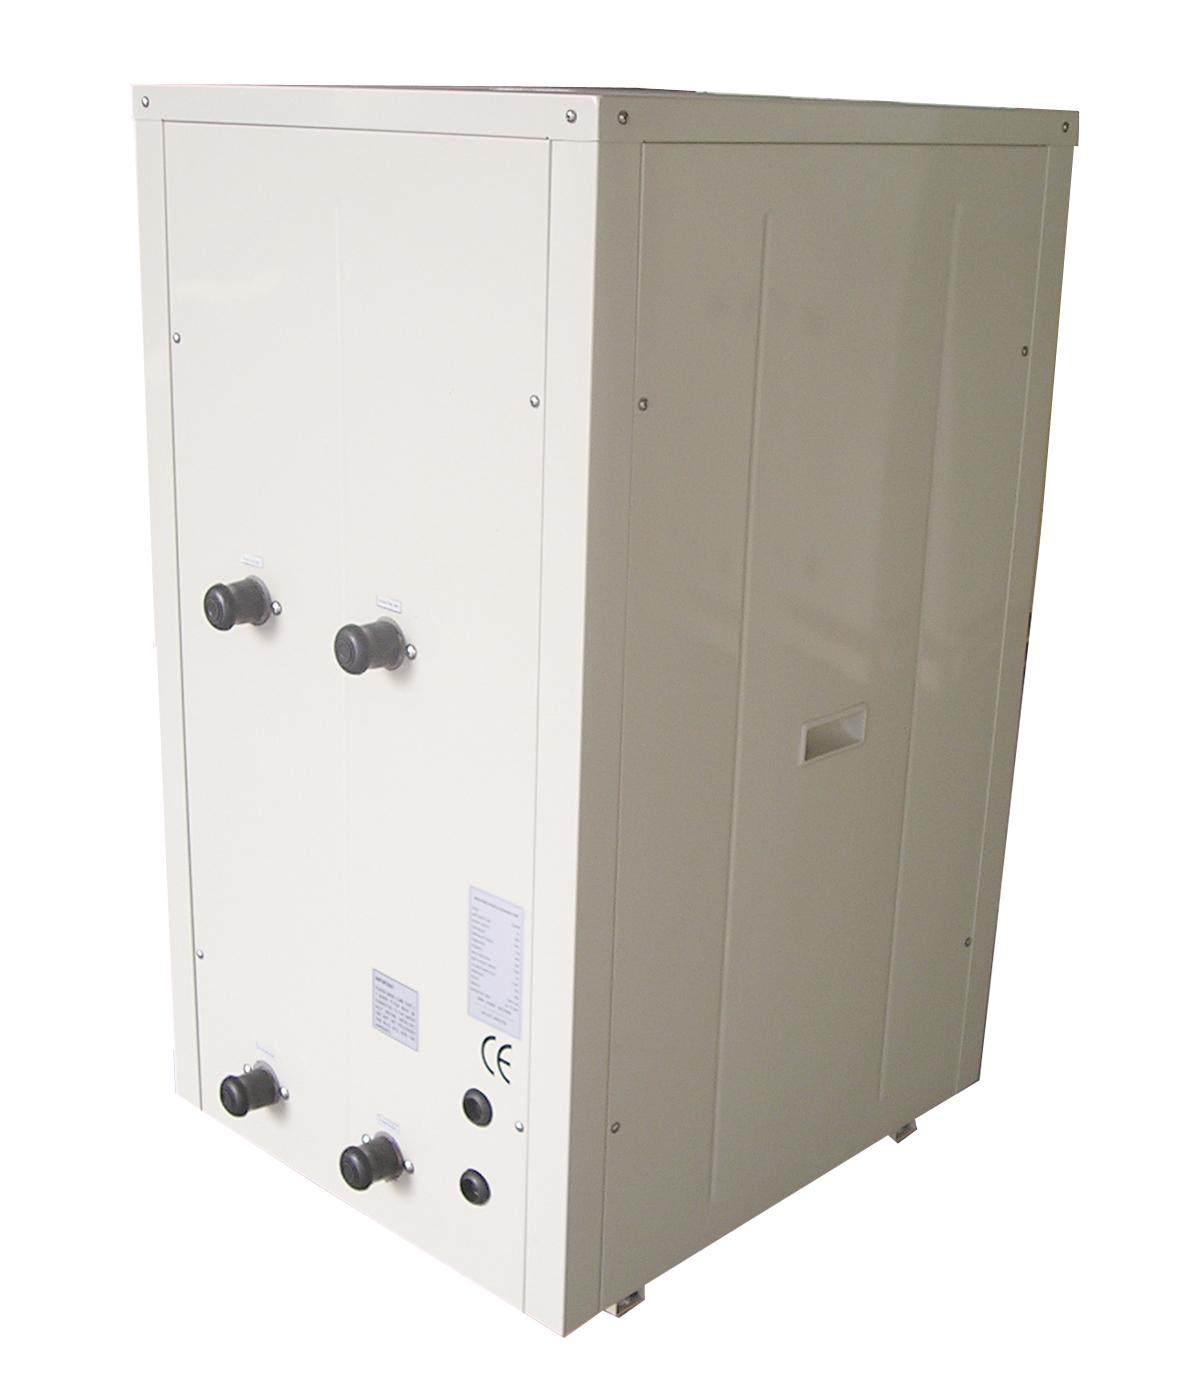 Water to water heat pump,COP 4.5-5.5 efficient ground source heat pump